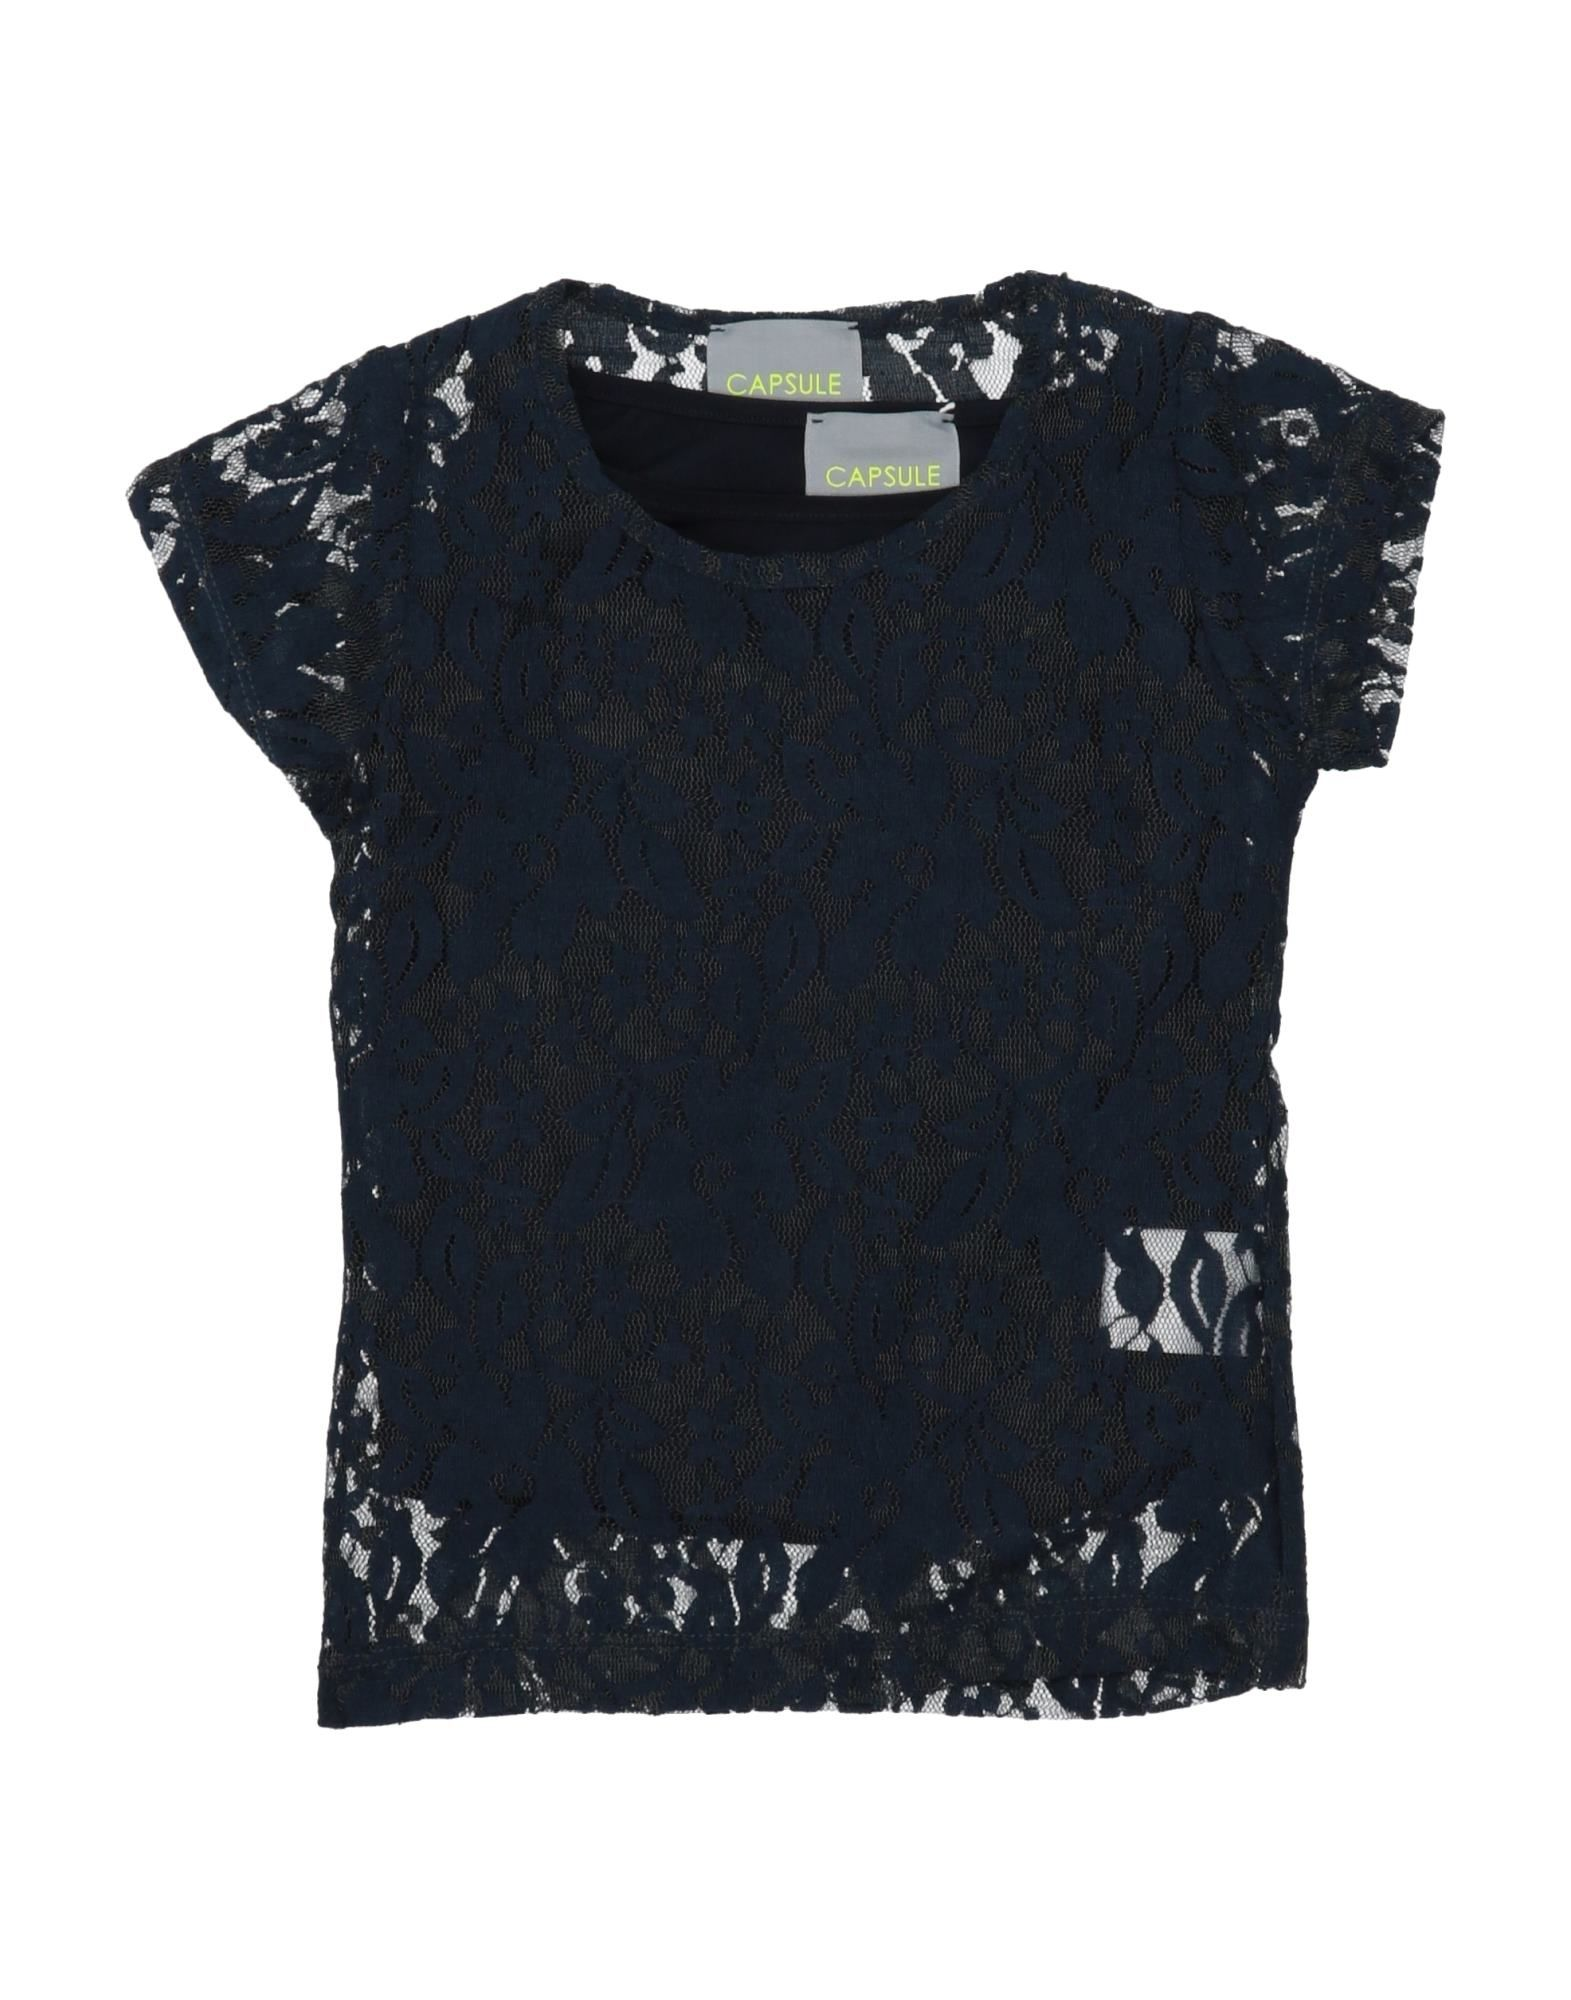 Capsule By Arabeth Kids' T-shirts In Dark Blue